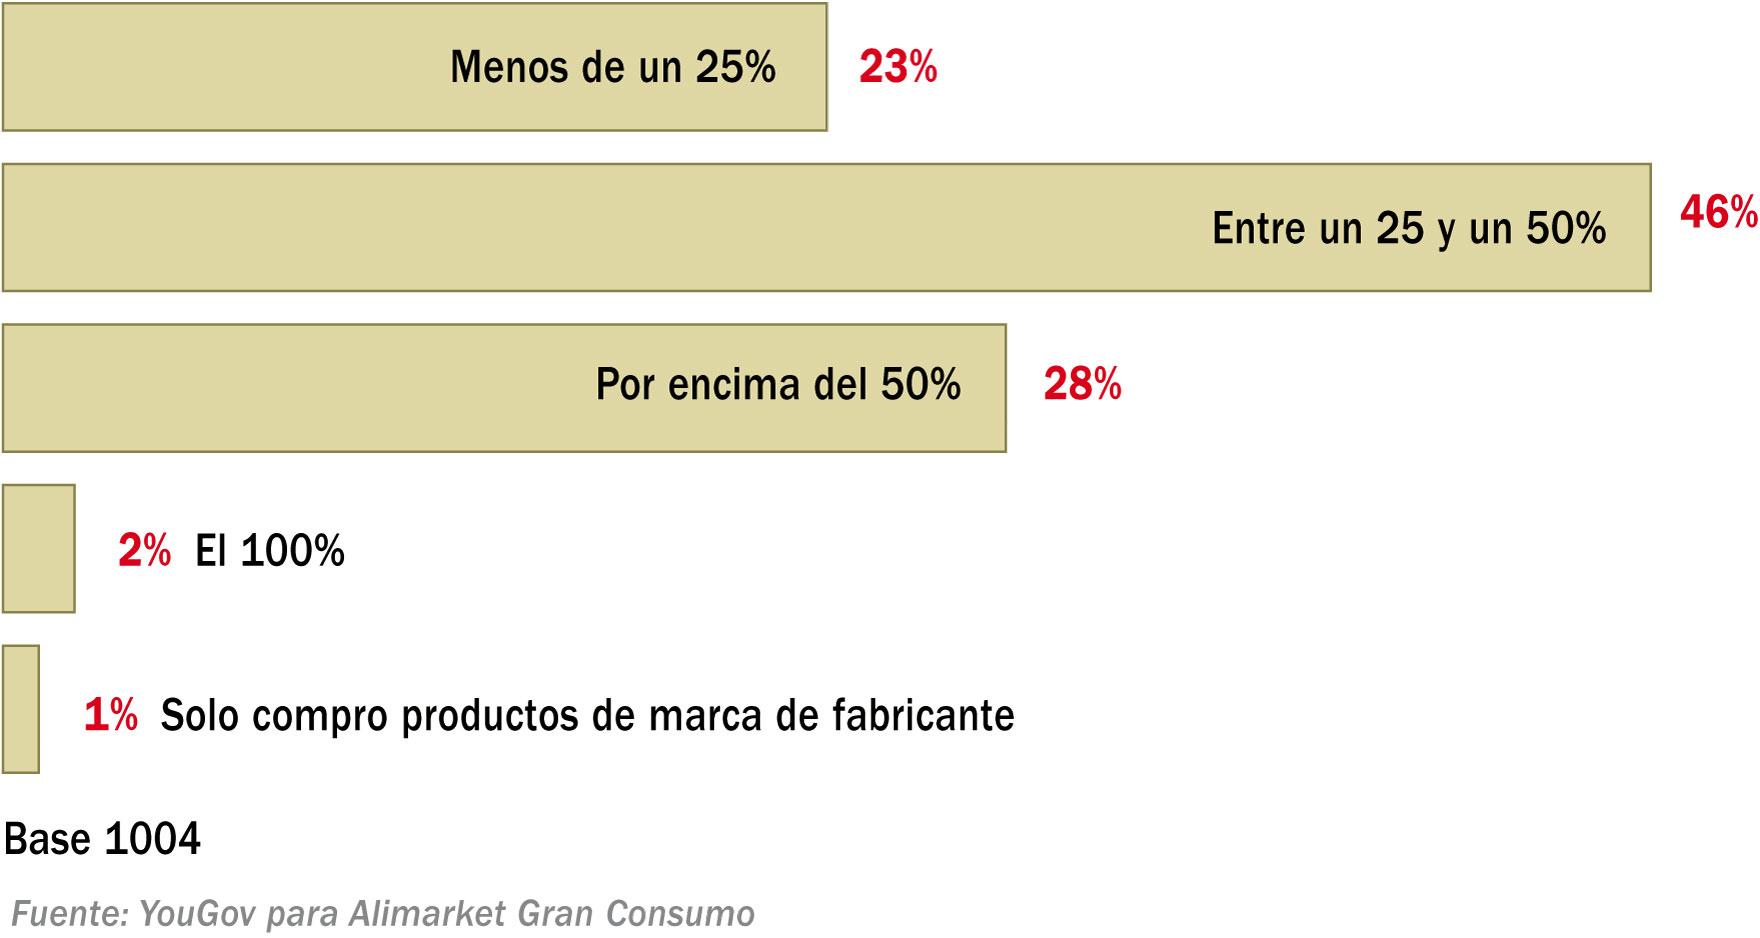 Porcentaje que representa la marca blanca en el total de la compra